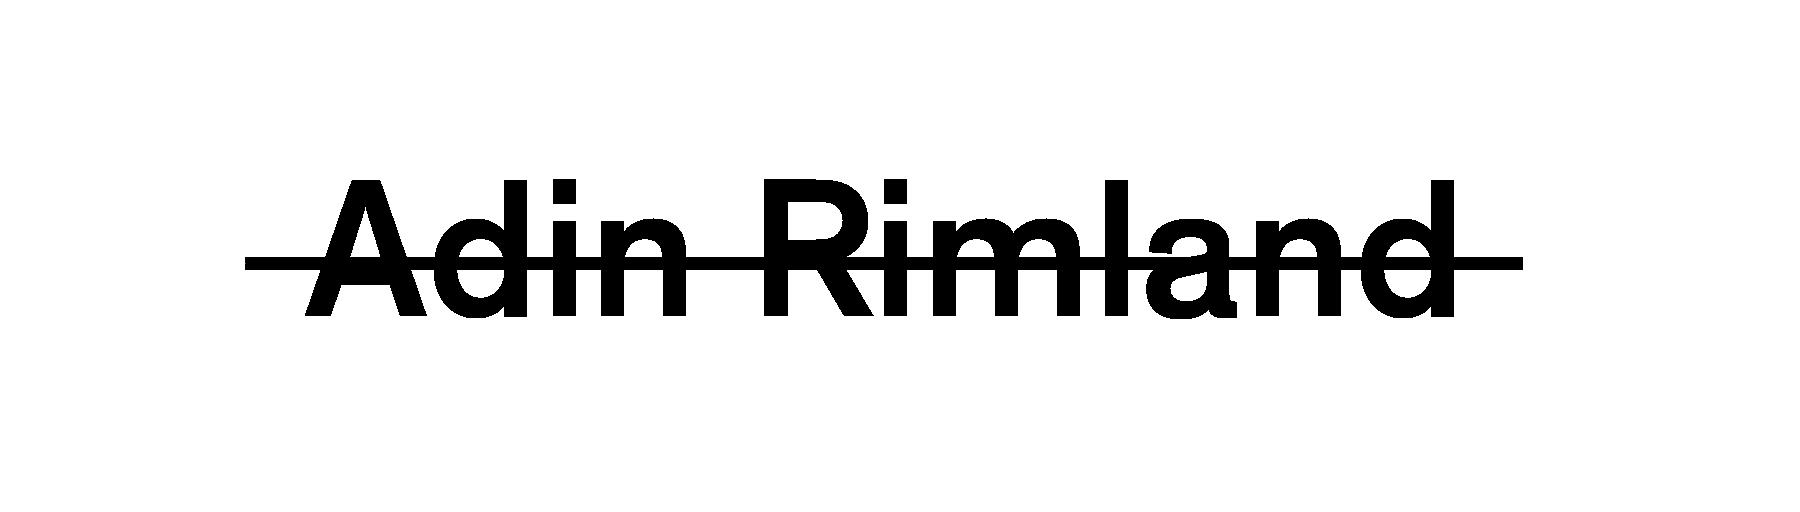 Adin Rimland